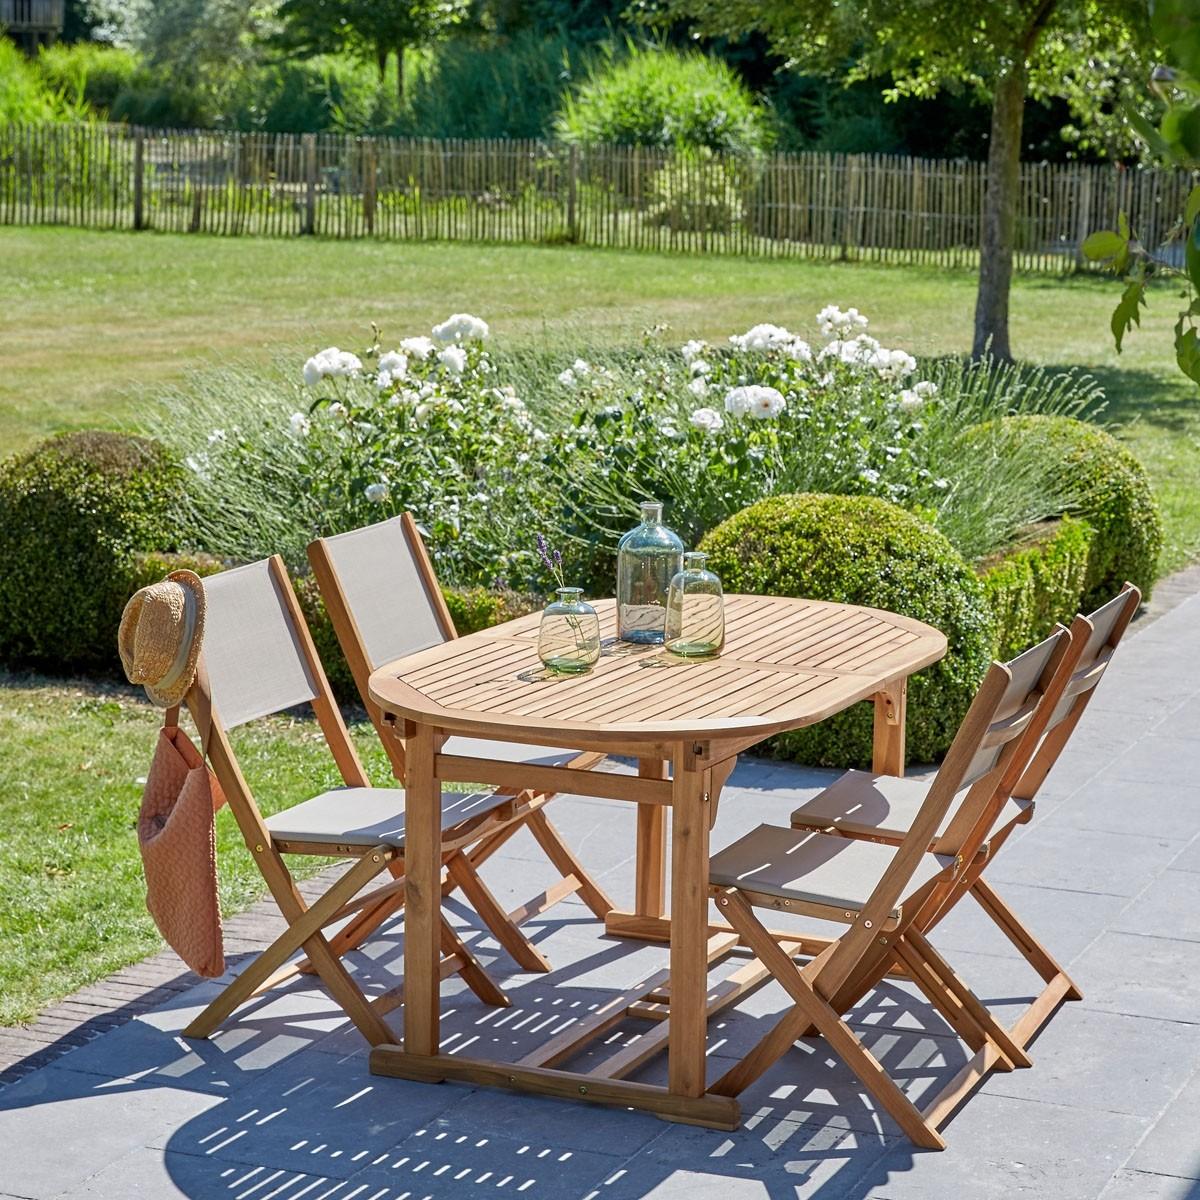 salon de jardin en bois d 39 acacia et textil ne bois dessus bois dessous. Black Bedroom Furniture Sets. Home Design Ideas